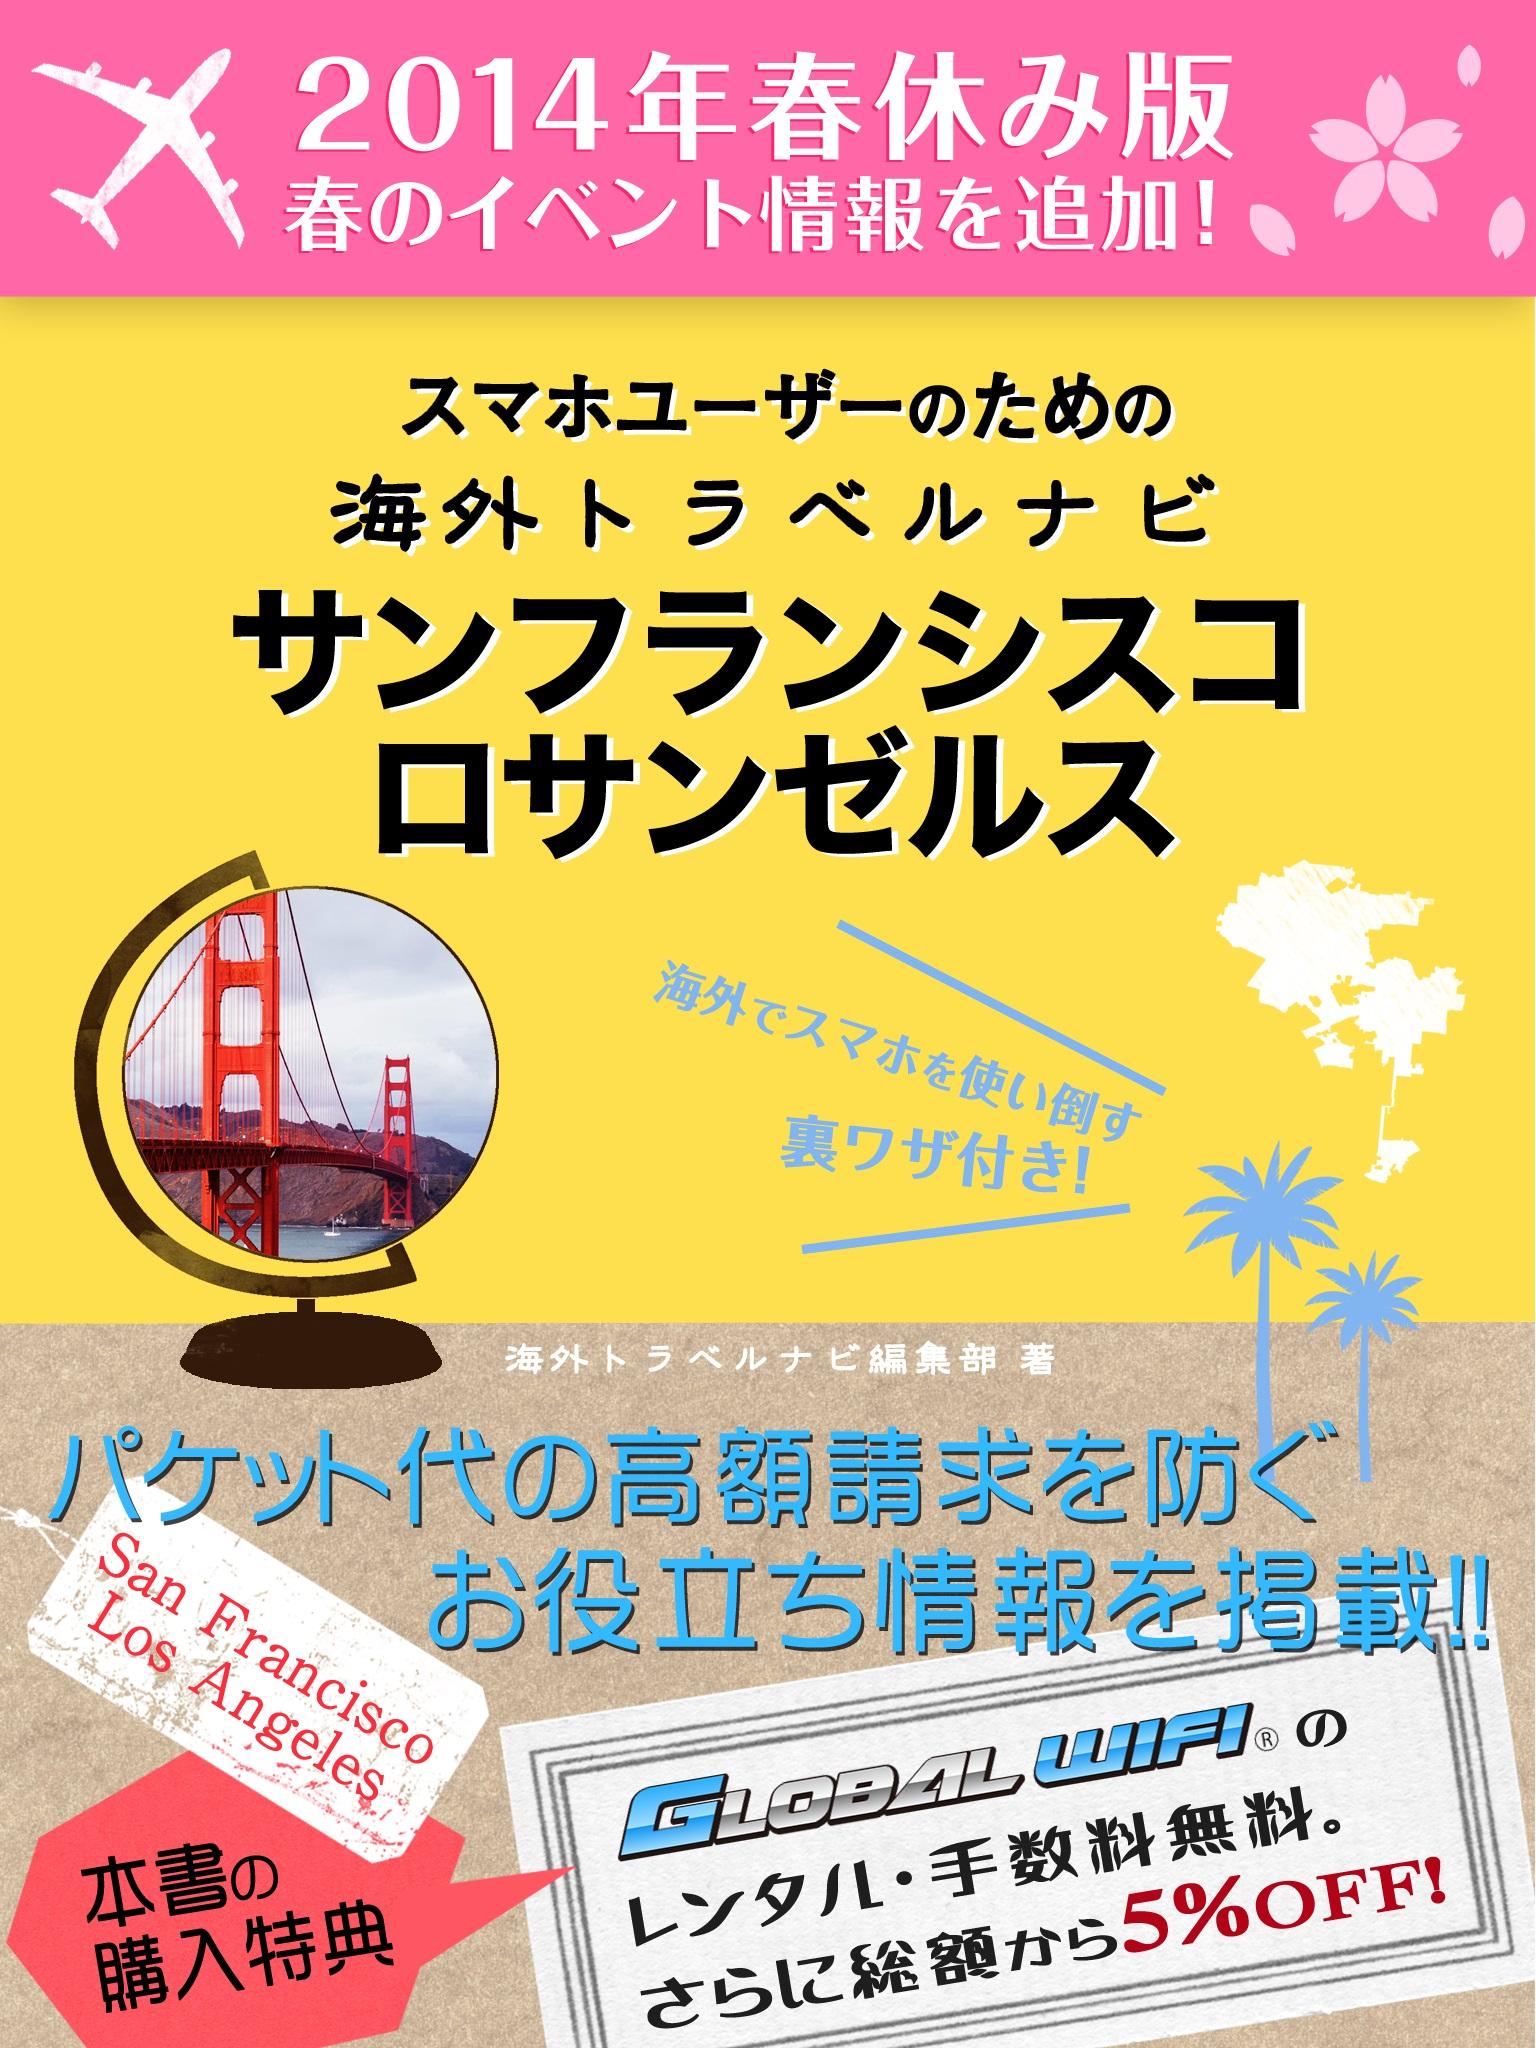 【2014年春休み版】スマホユーザーのための海外トラベルナビ サンフランシスコ・ロサンゼルス